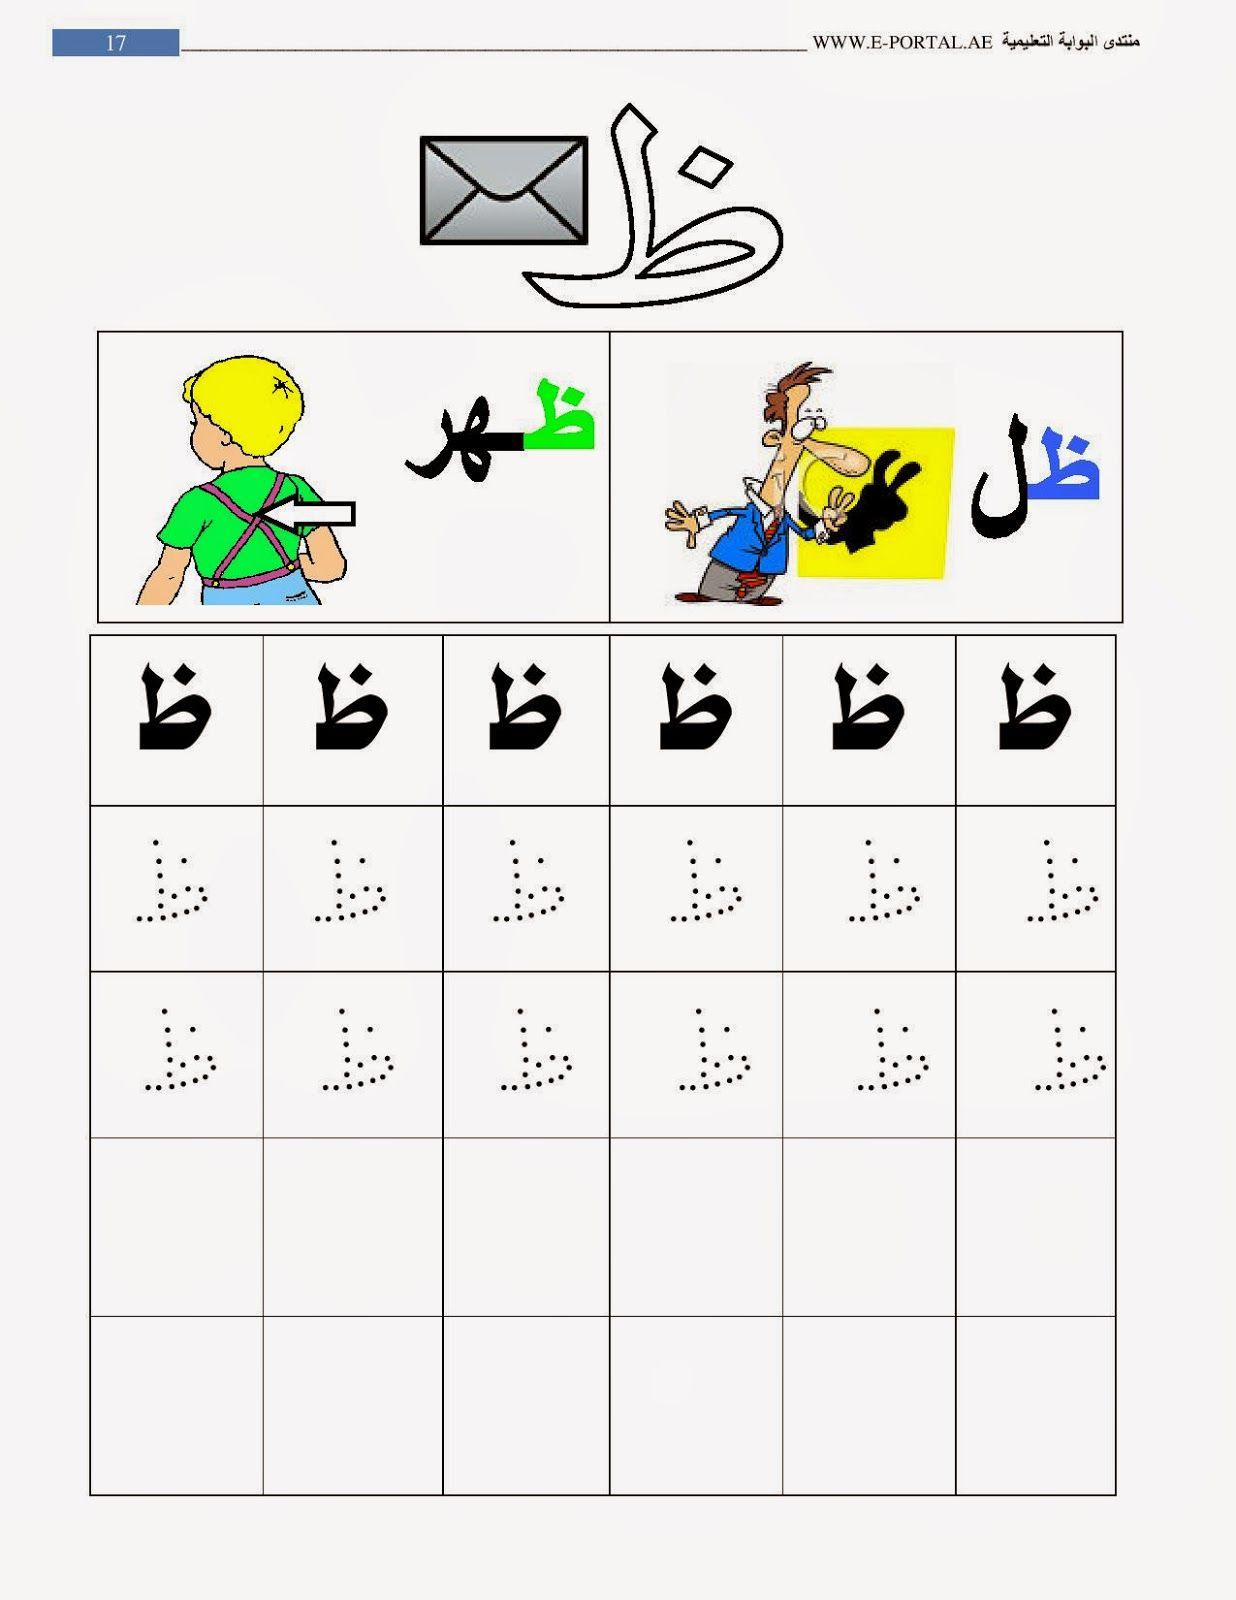 روضة العلم للاطفال كراسة حروف الهجاء Arabic Alphabet For Kids Learn Arabic Alphabet Arabic Alphabet